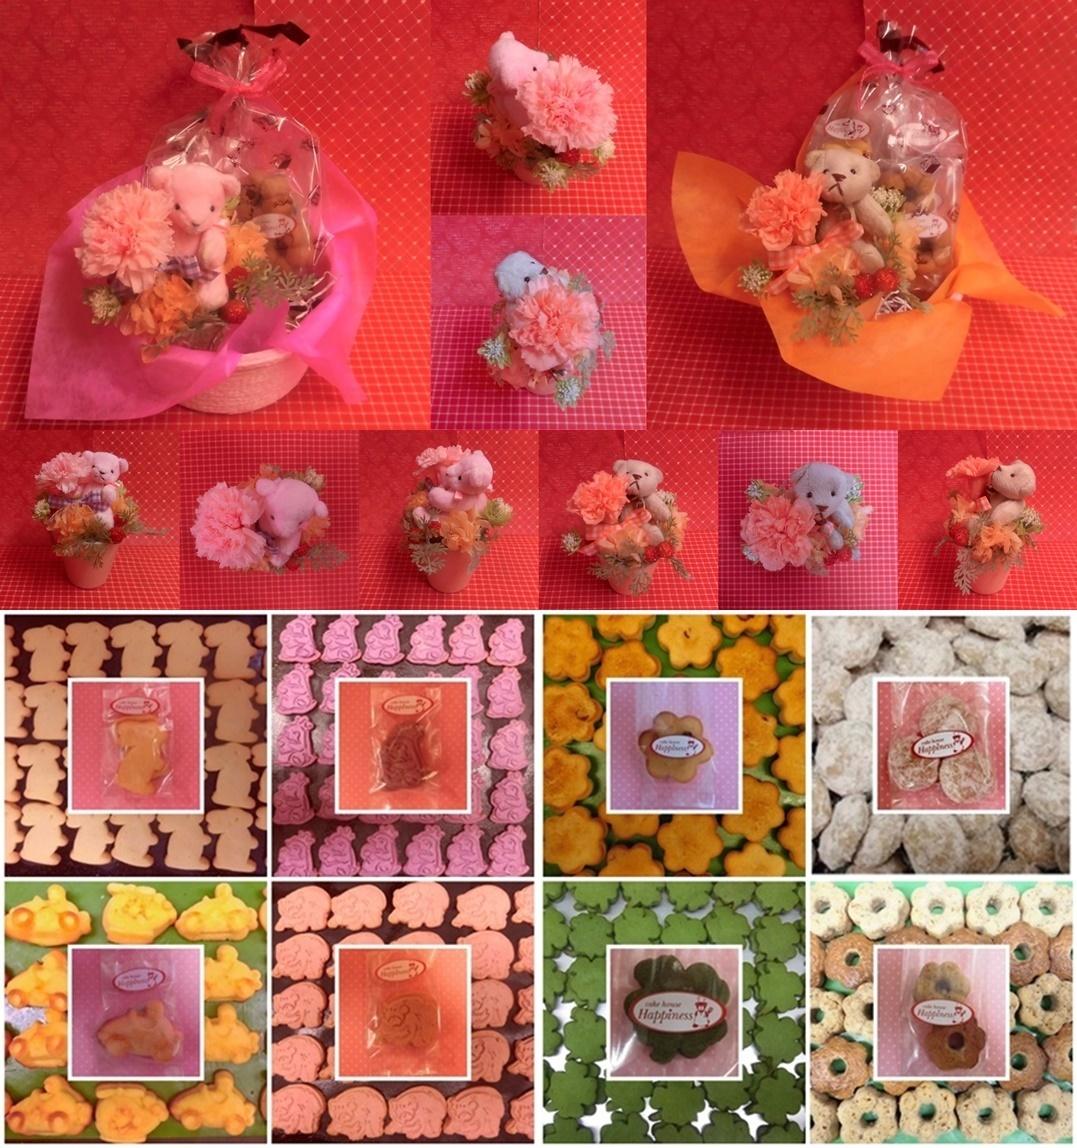 クマさんがプリザーブドフラワーのカーネーションの花束を持ったアレンジと野菜や果物を使った焼き菓子のギフトセット♪